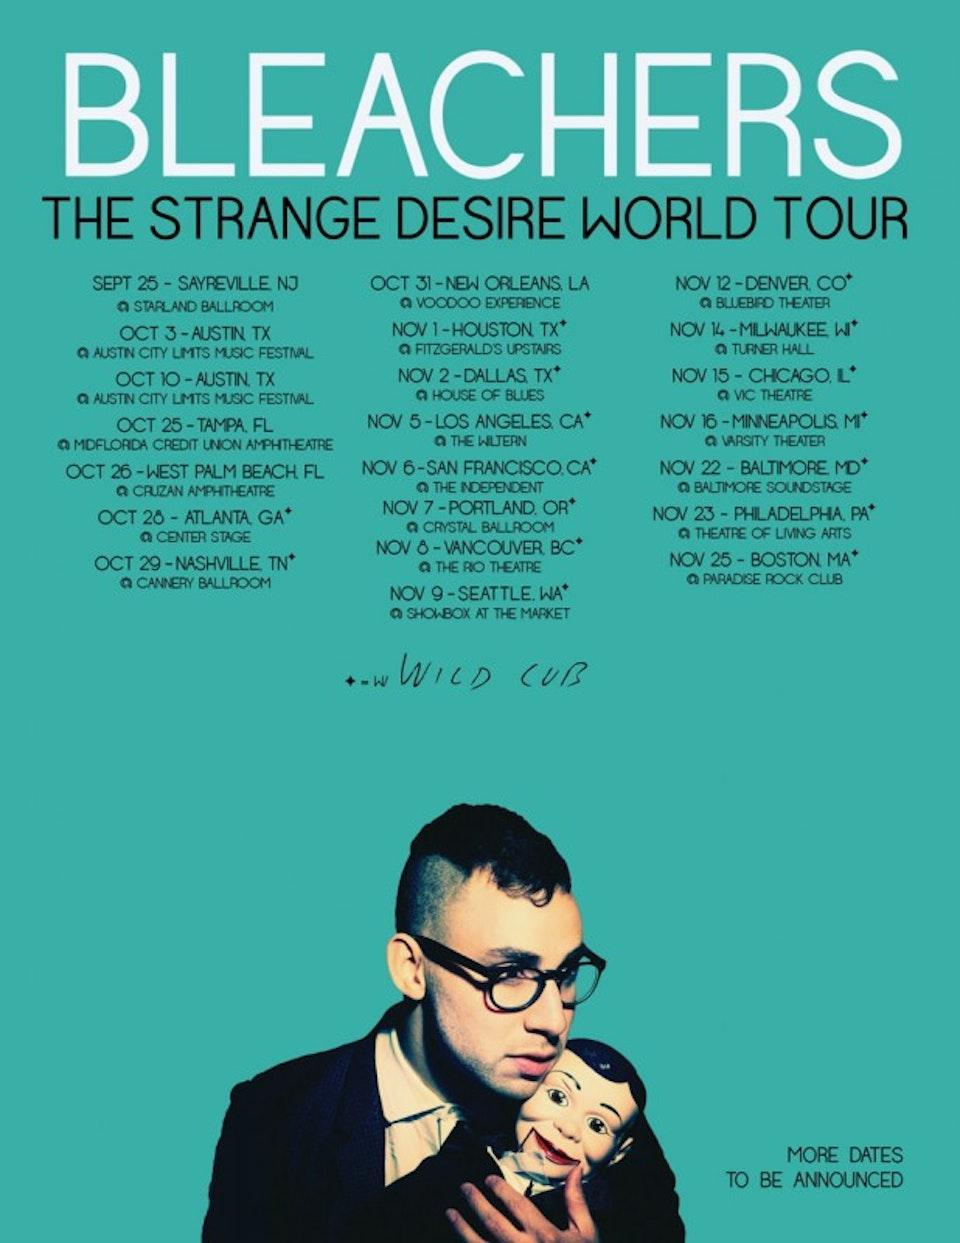 Tour - Tour admat